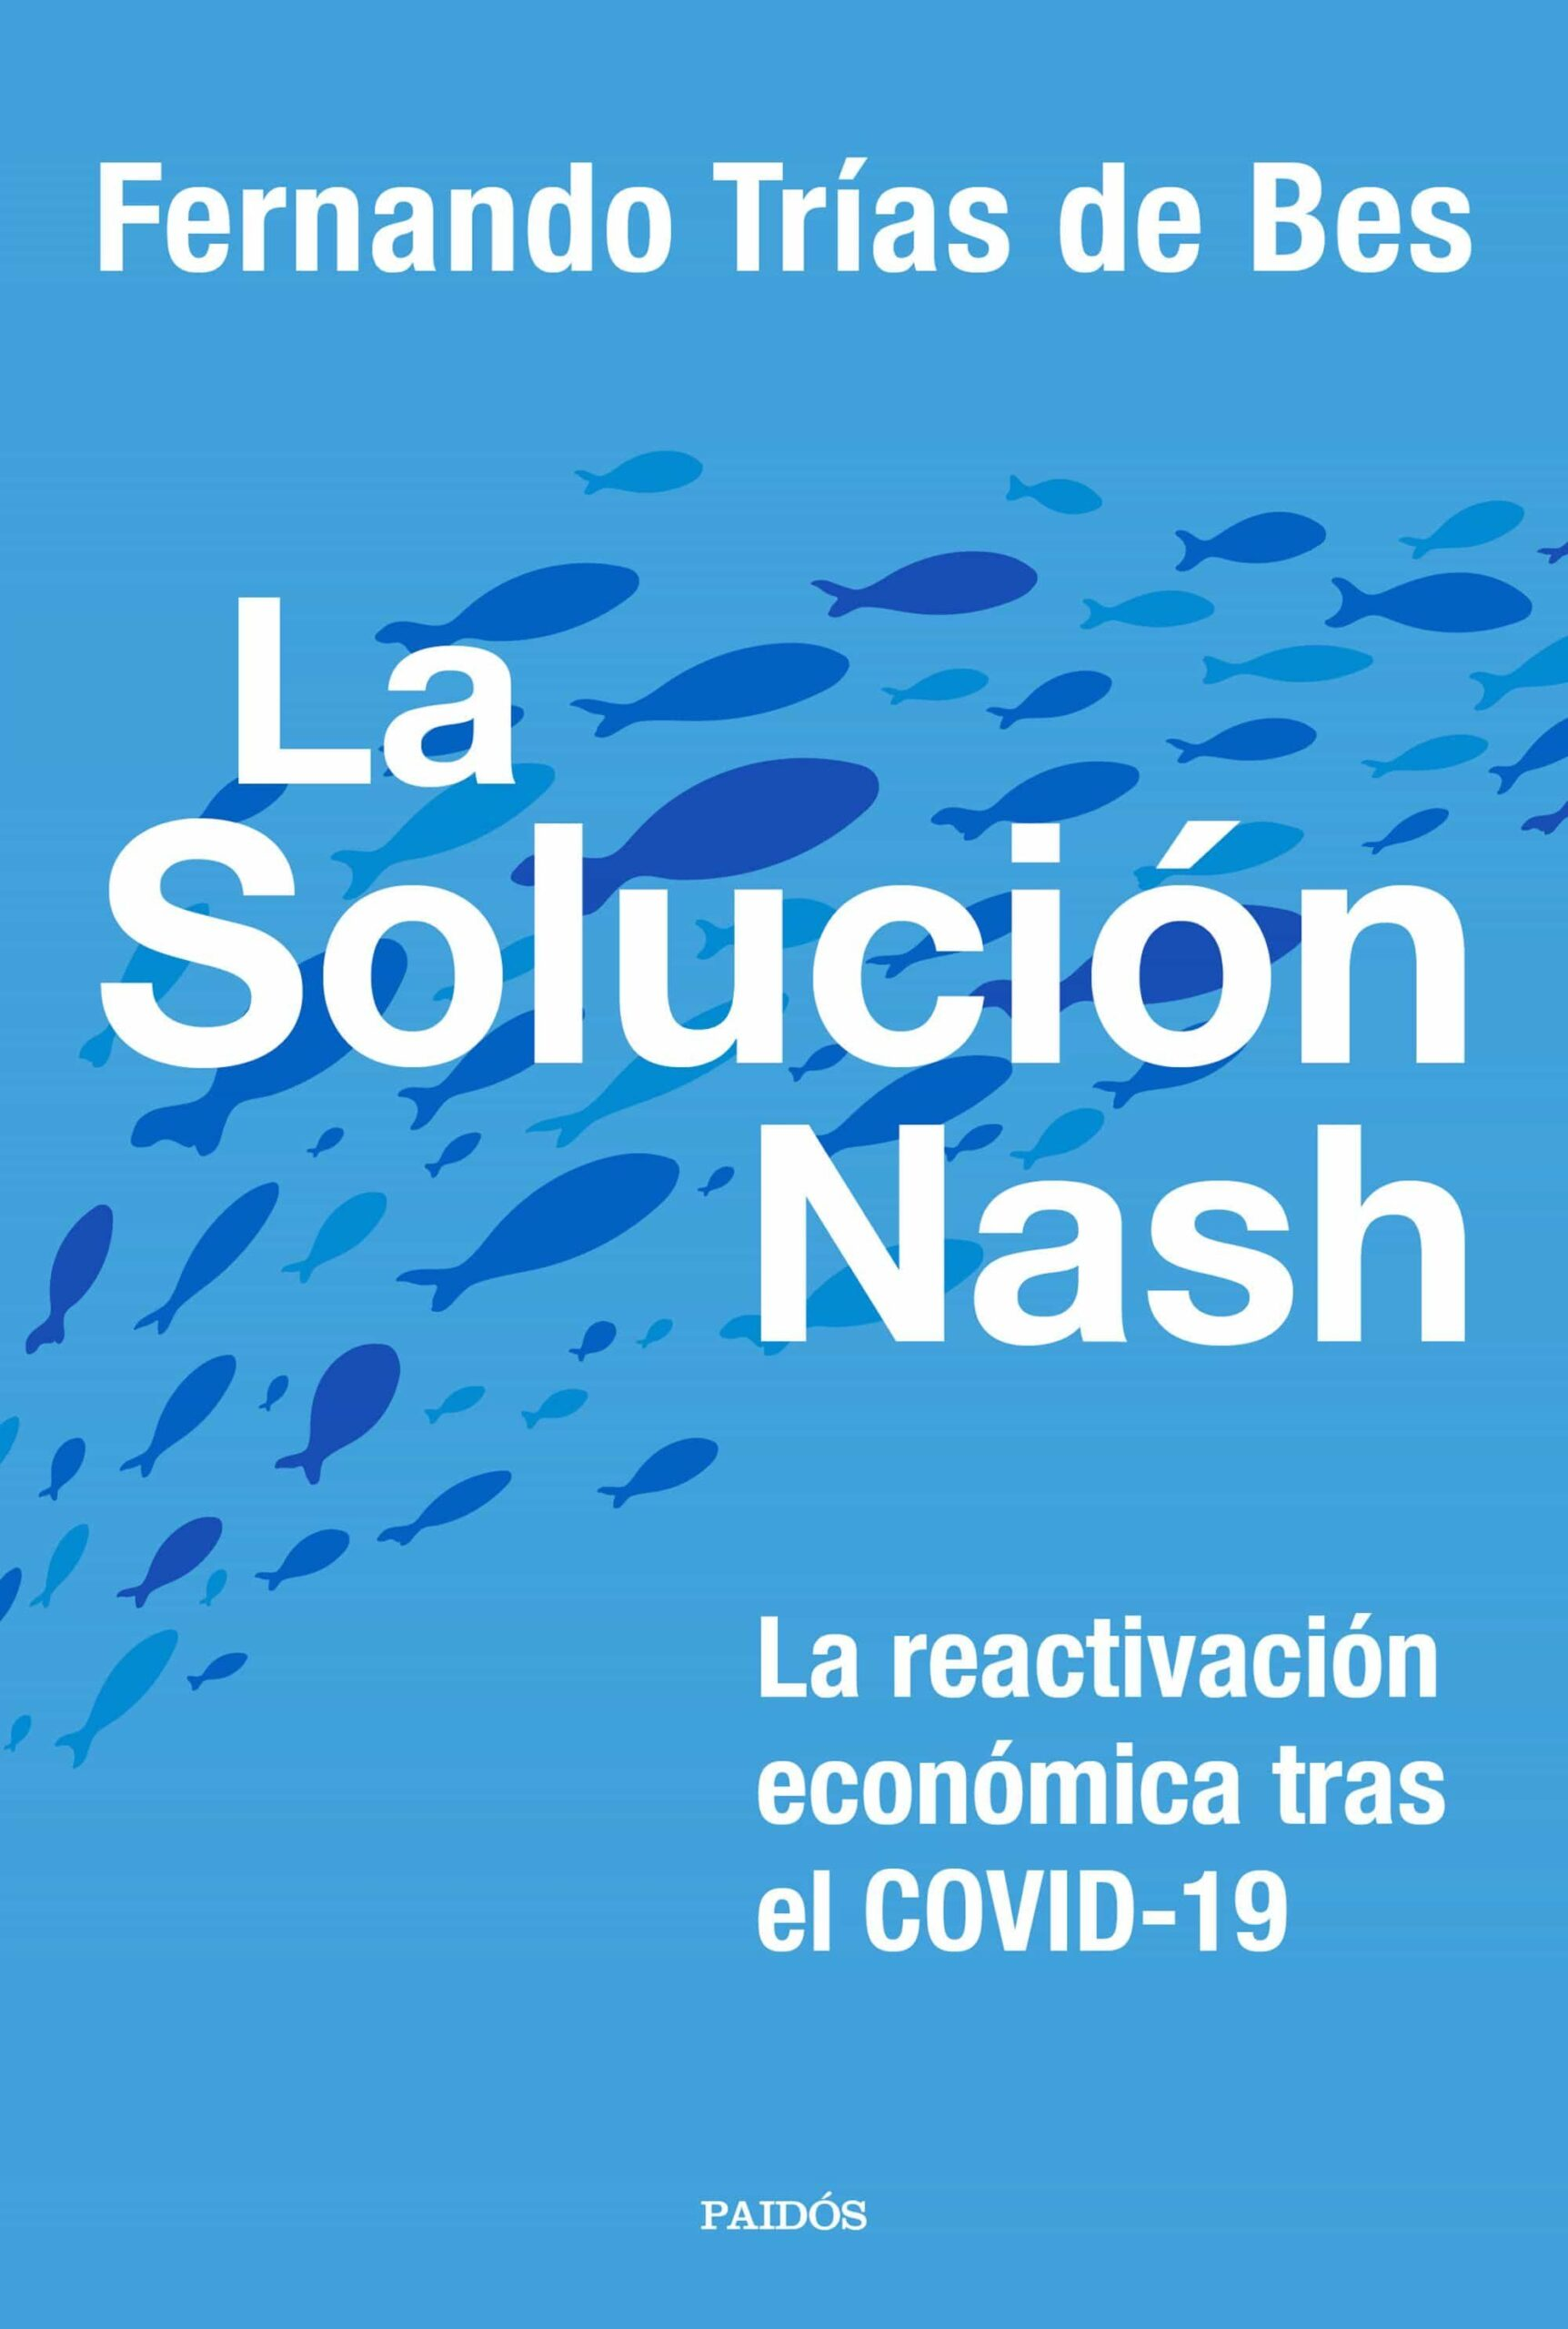 LA SOLUCIÓN NASH: LA REACTIVACIÓN ECONÓMICA TRAS EL COVID-19.